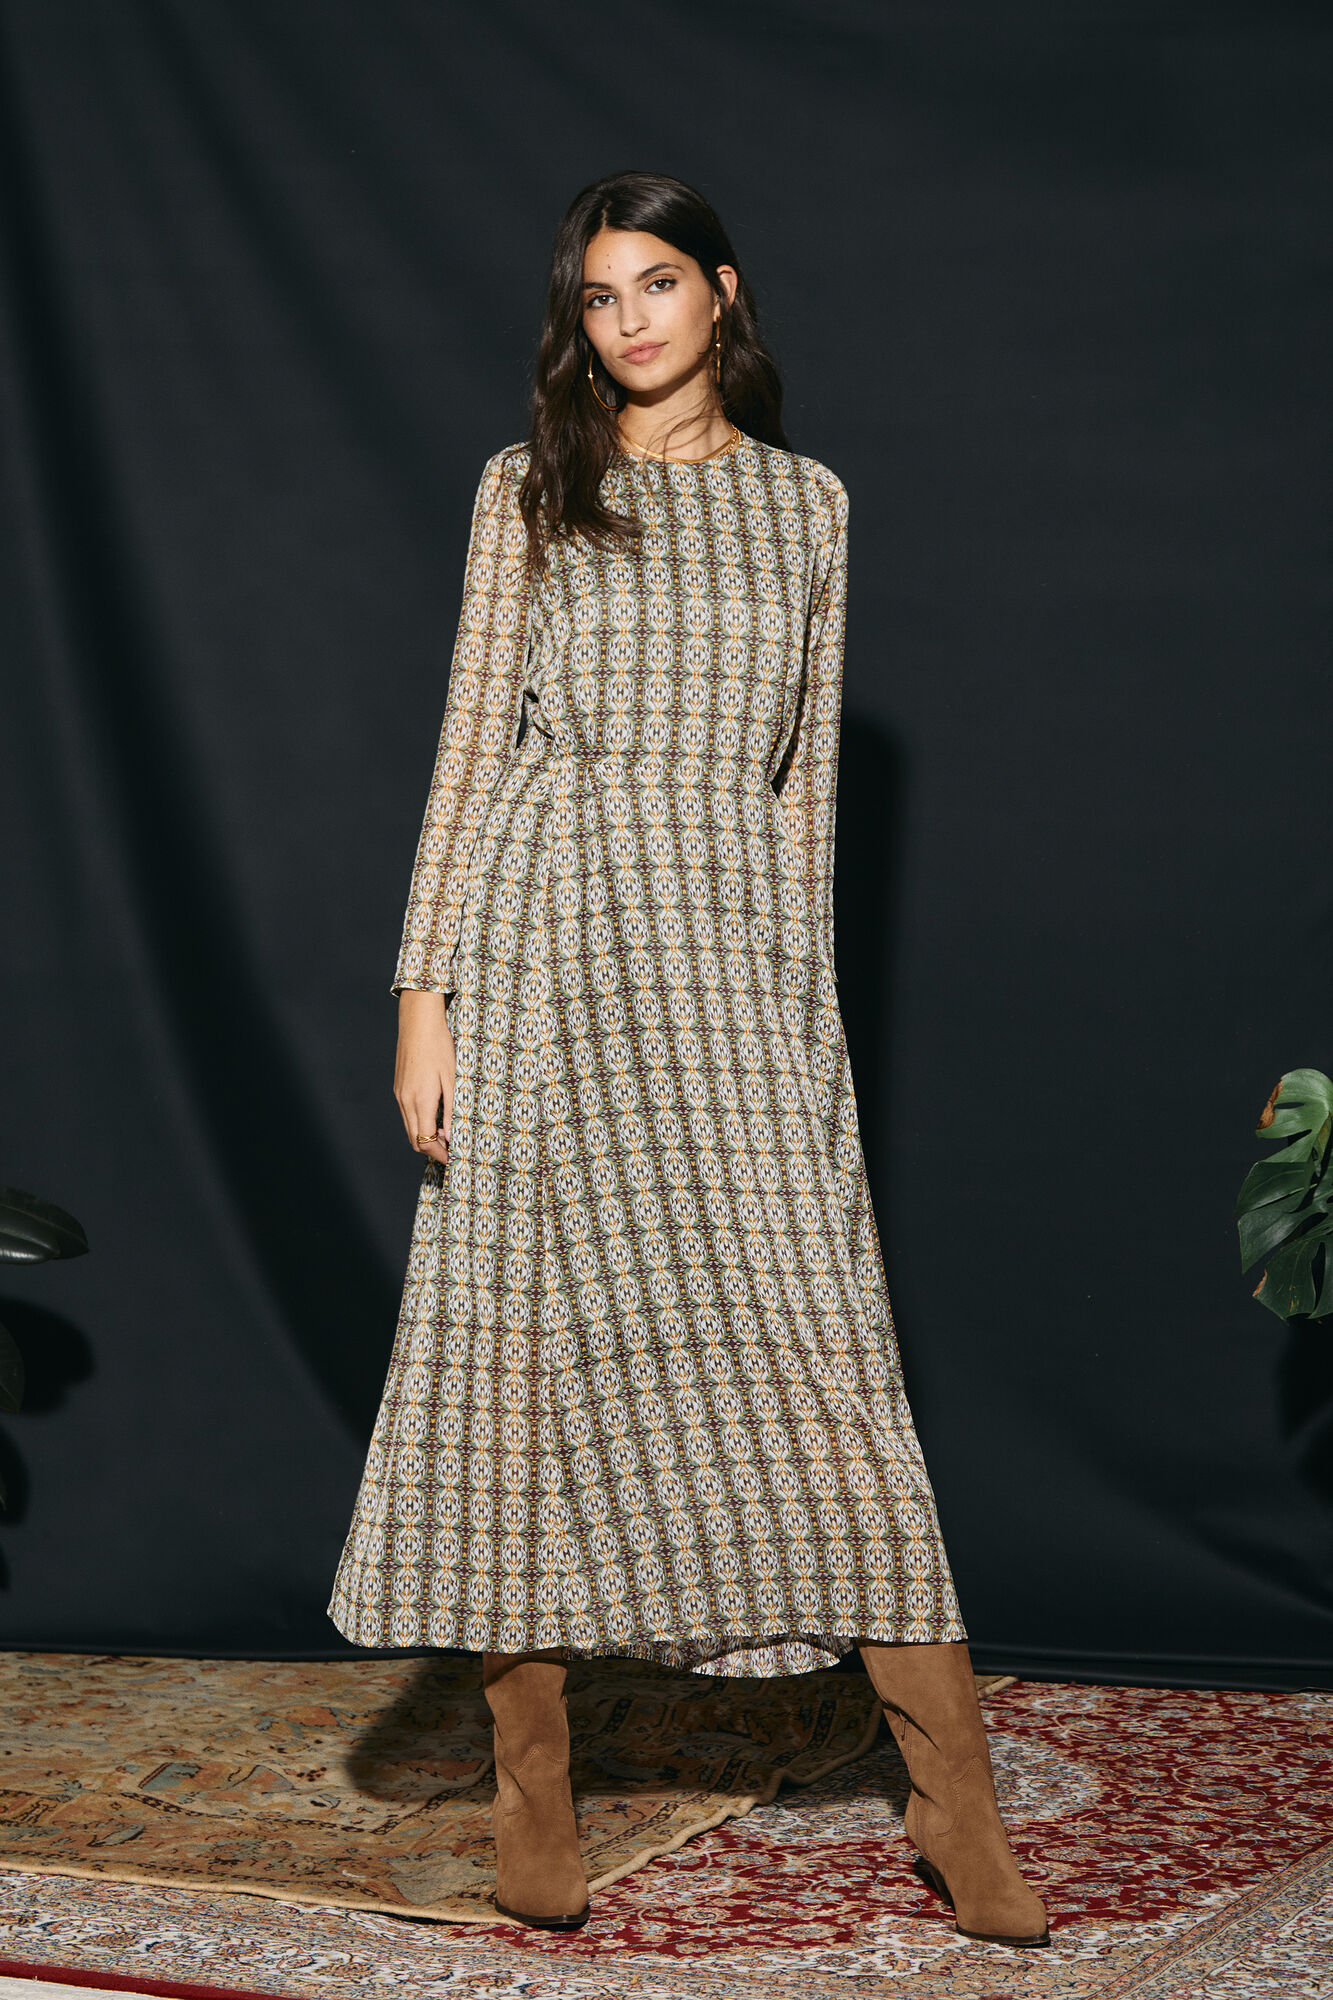 Vestido estampado de manga larga realizado con fibras recicladas. Detalle de pliegues en cintura. Cierre en espalda con abertura y botón.